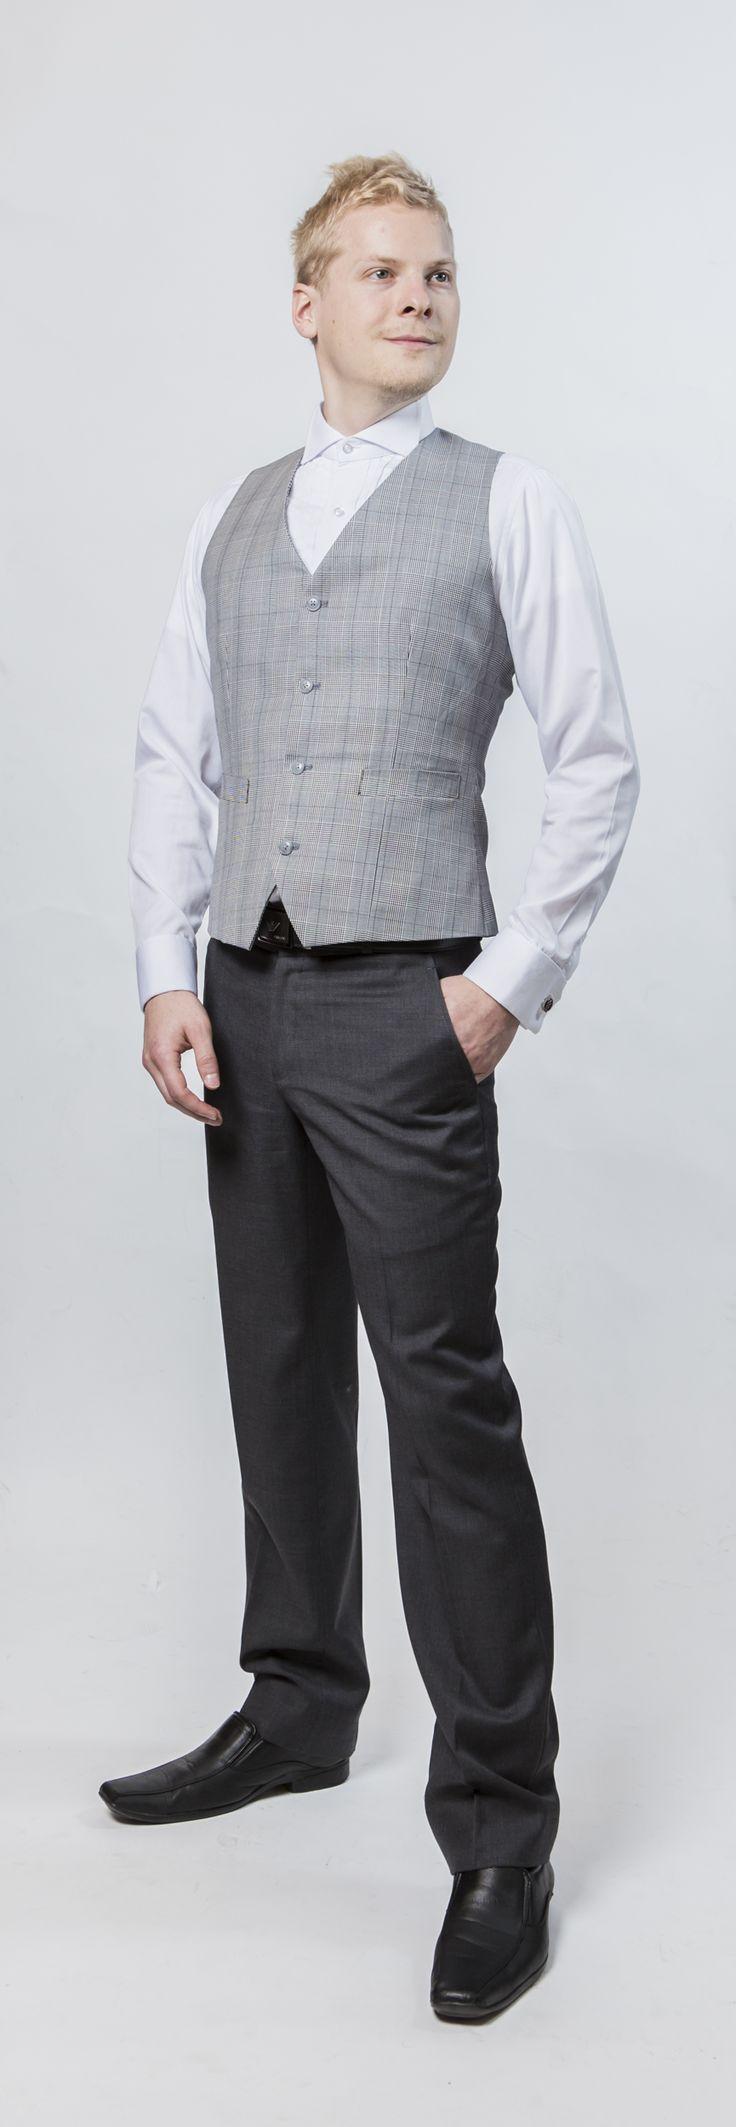 #liivit #miesten tyyli #räätälistudio Super makea liivi, yksinkertainen on kaunista!